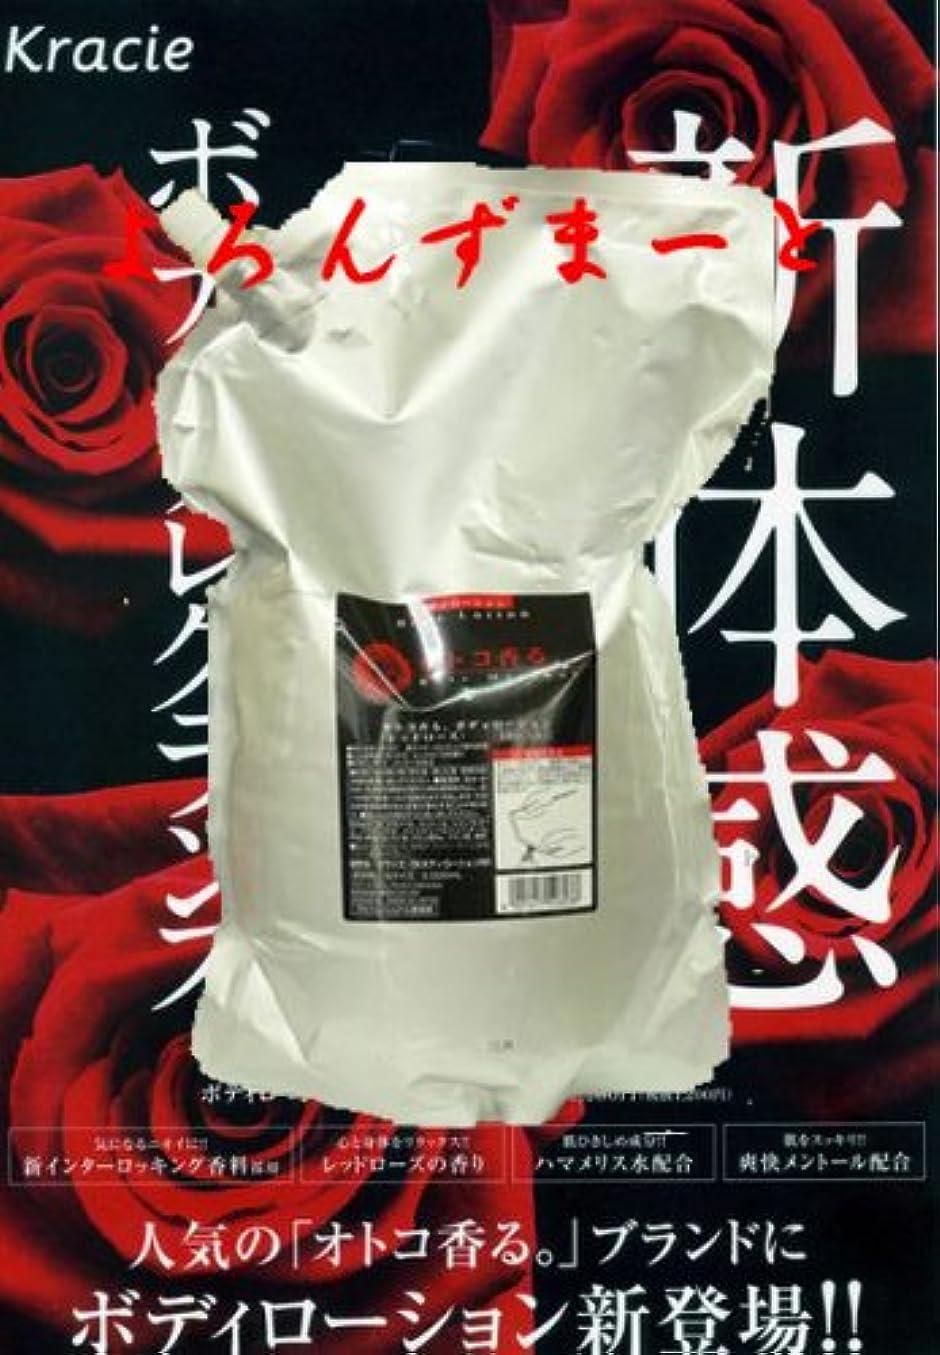 サンダーメタン受けるクラシエ オトコ香る ボディーローション(レッドローズ) 2000ml 詰替え用(レフィル)